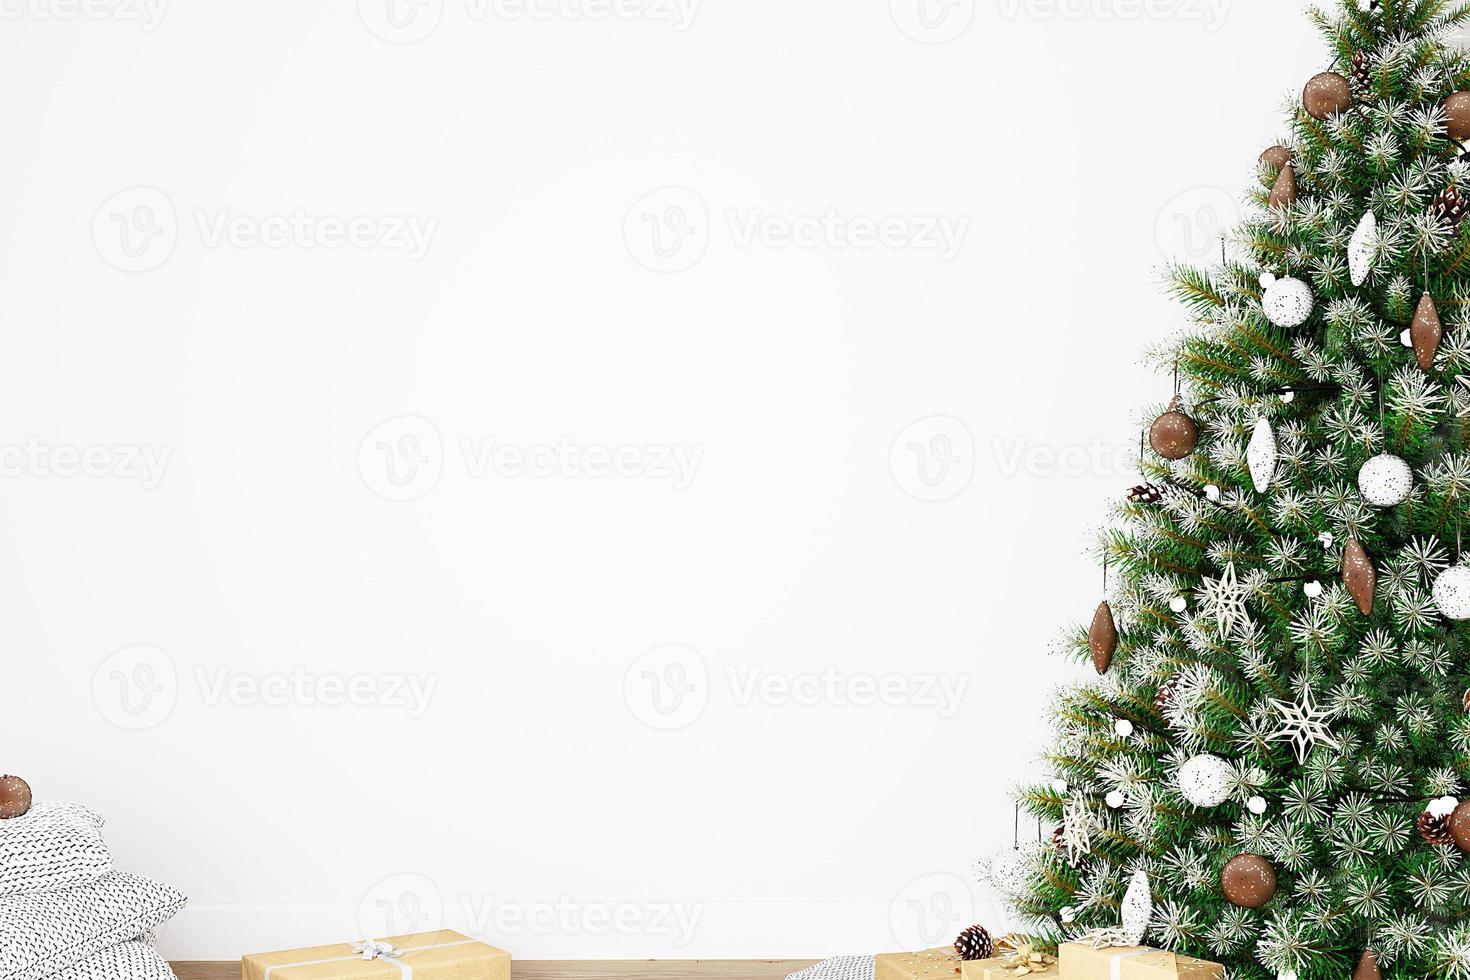 fondo de maqueta de navidad -3 foto